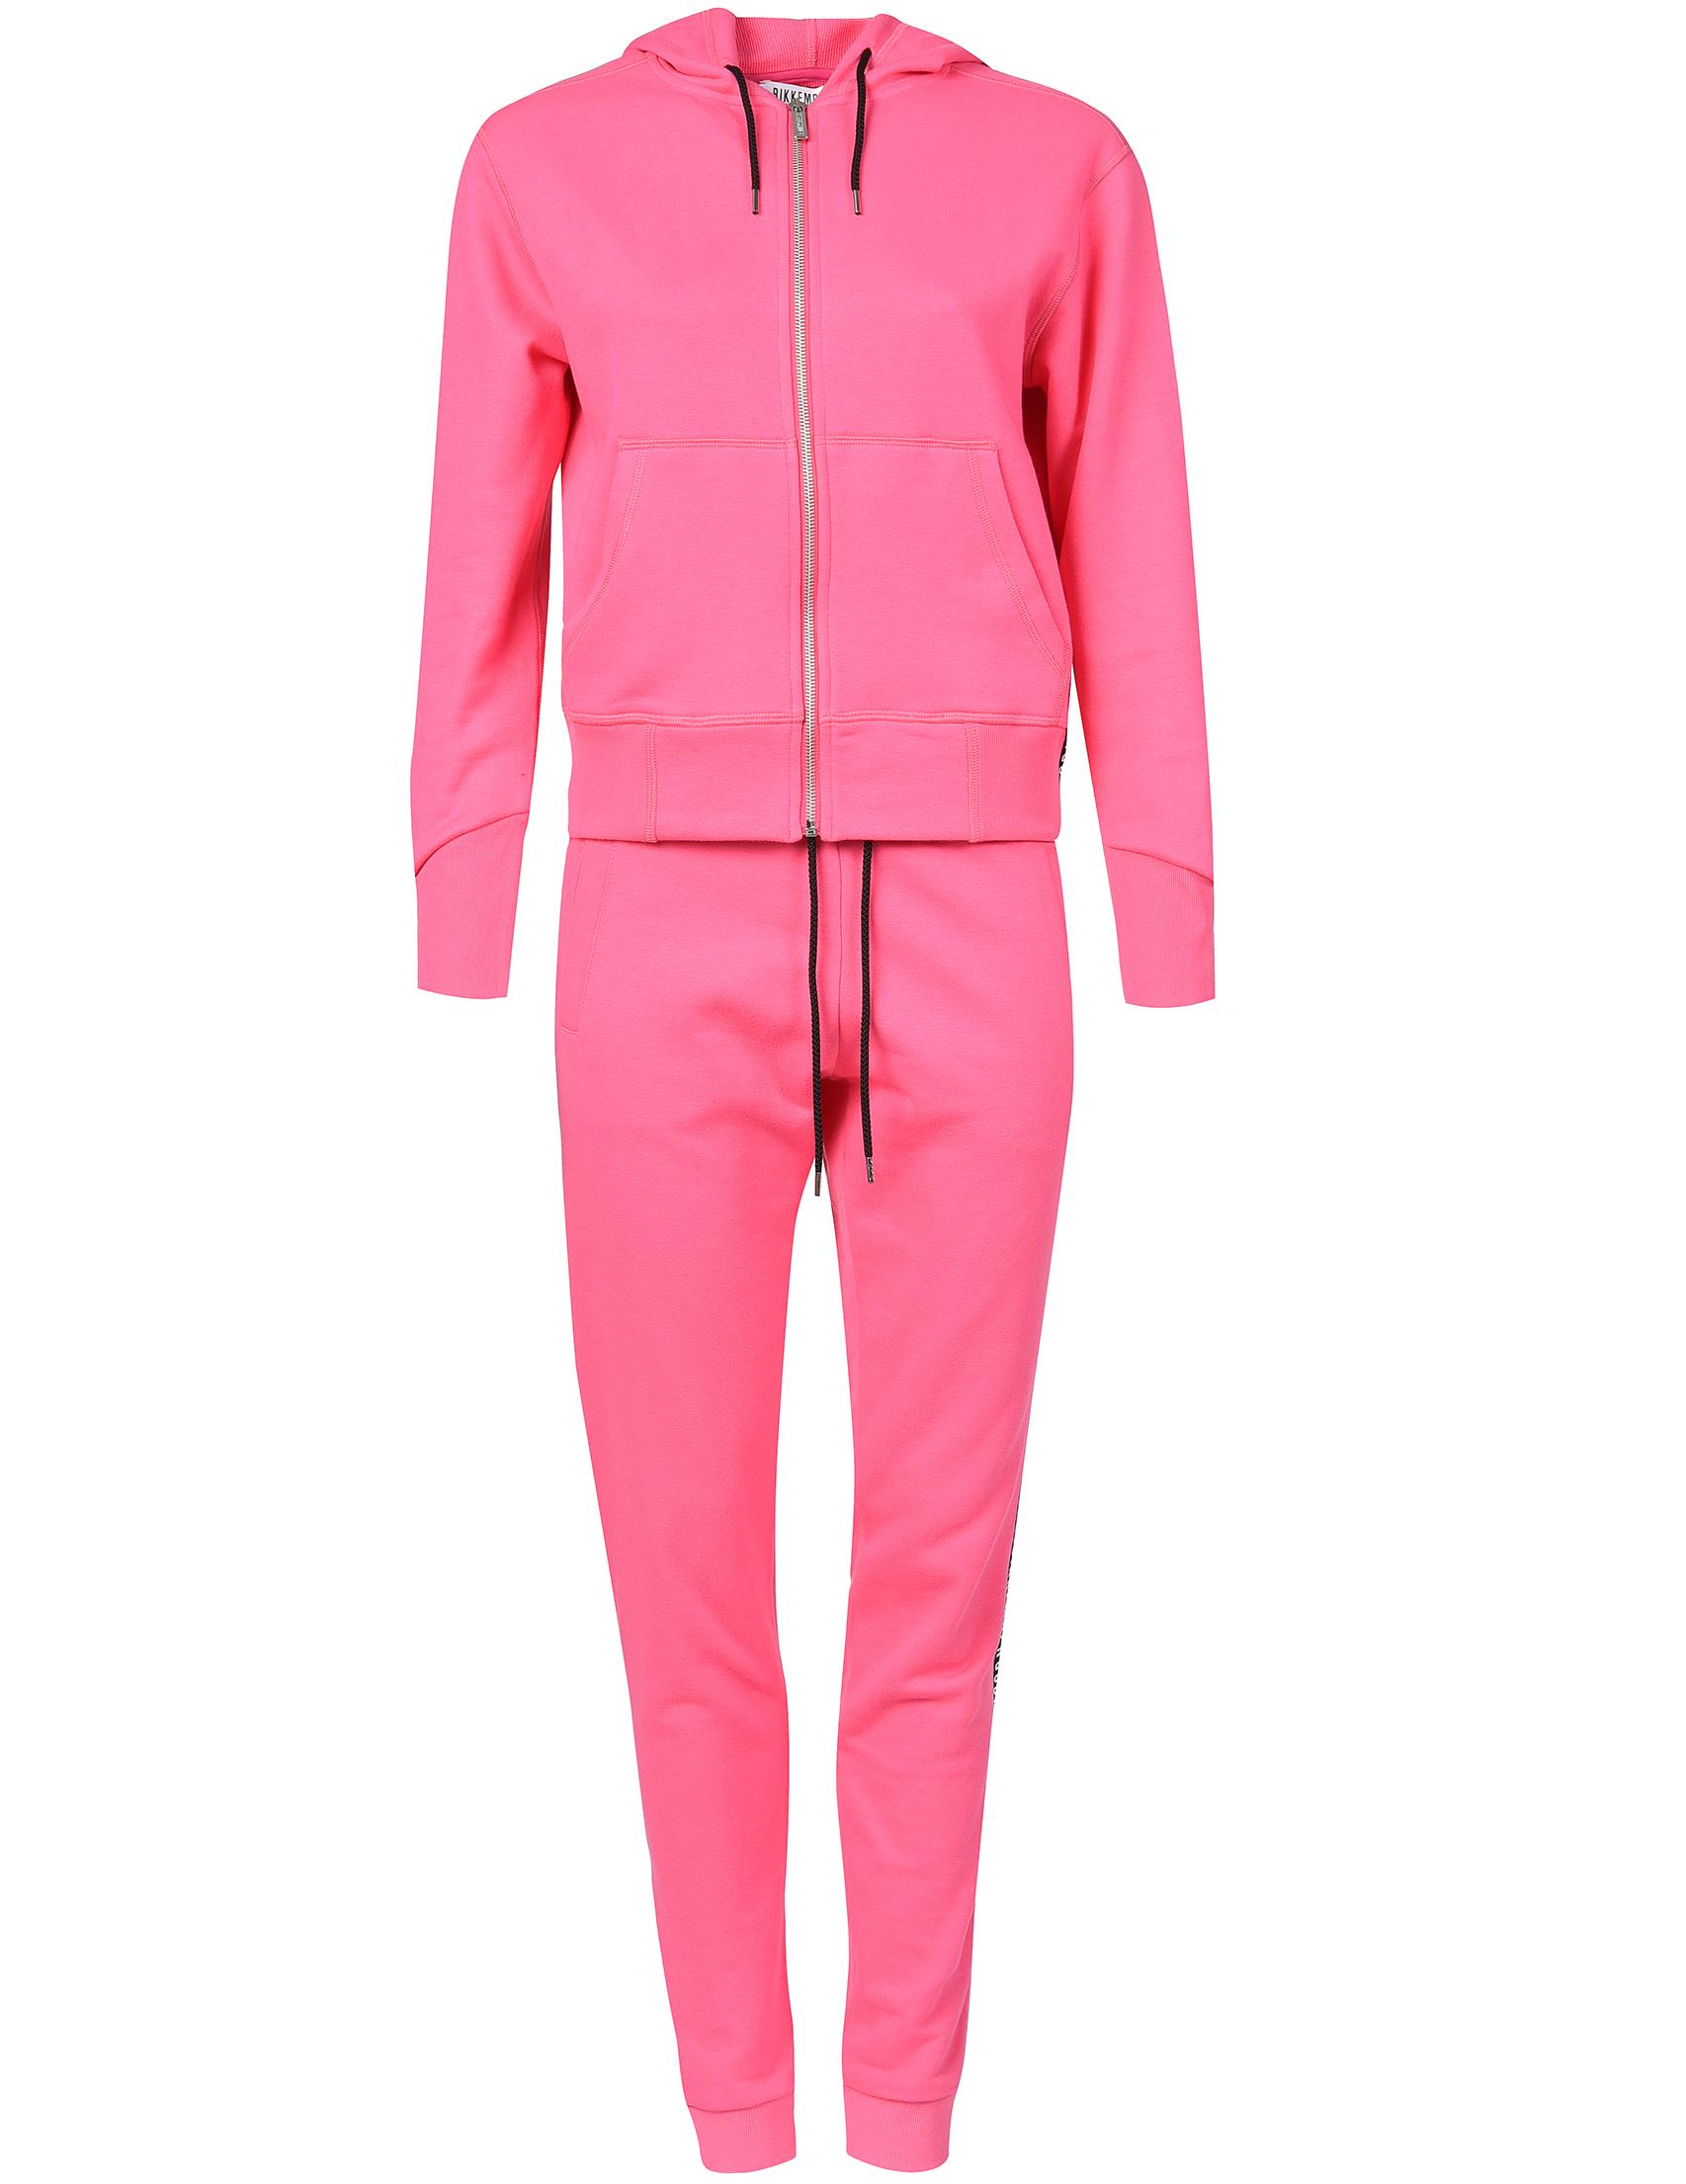 Купить Спортивный костюм, BIKKEMBERGS, Розовый, 94%Хлопок 6%Полиамид, Осень-Зима